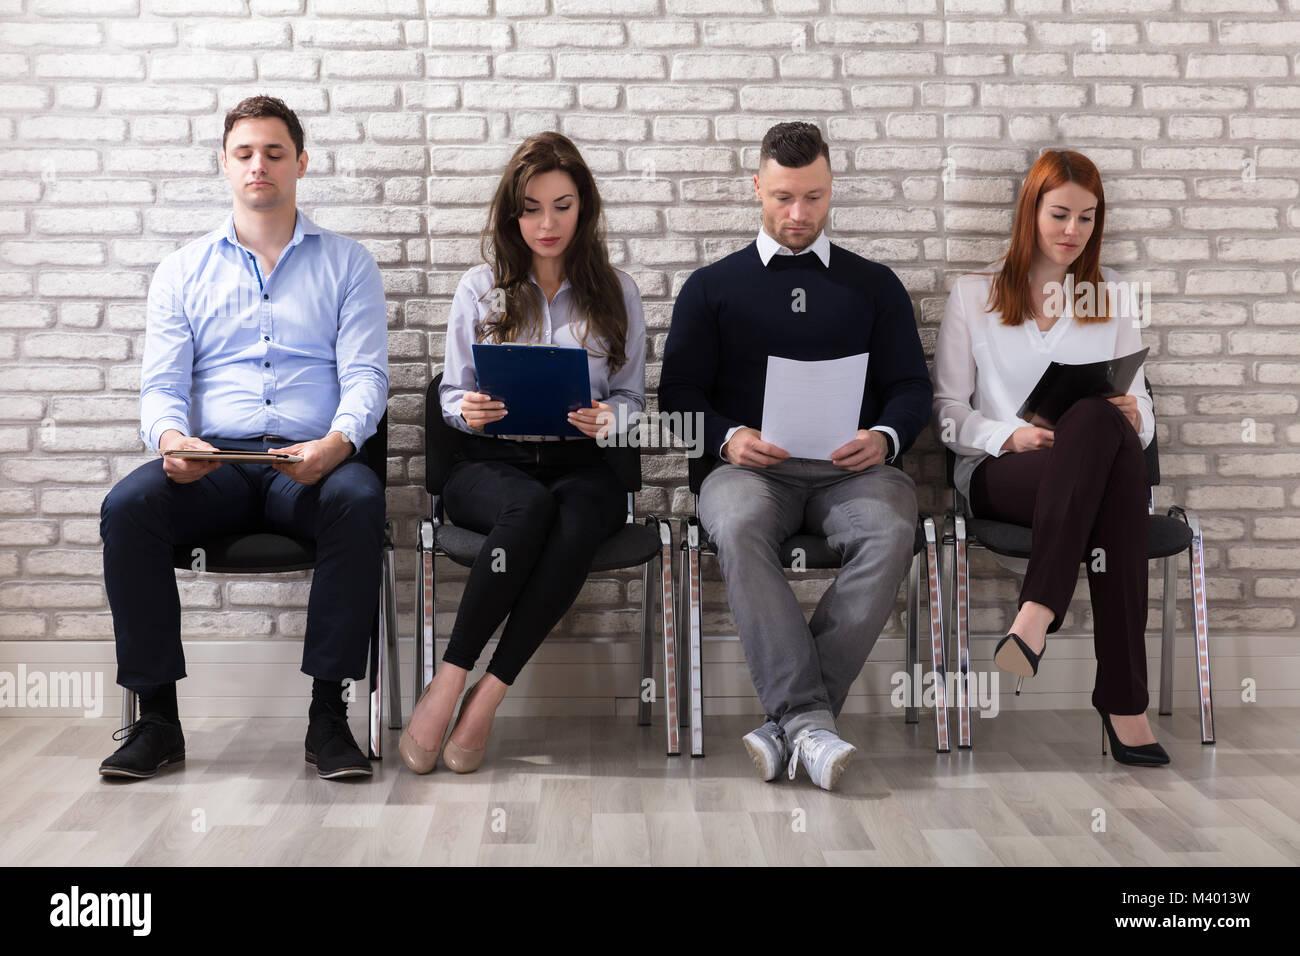 Gruppe von Menschen sitzen auf Stuhl warten auf Job Interview im Büro Stockbild